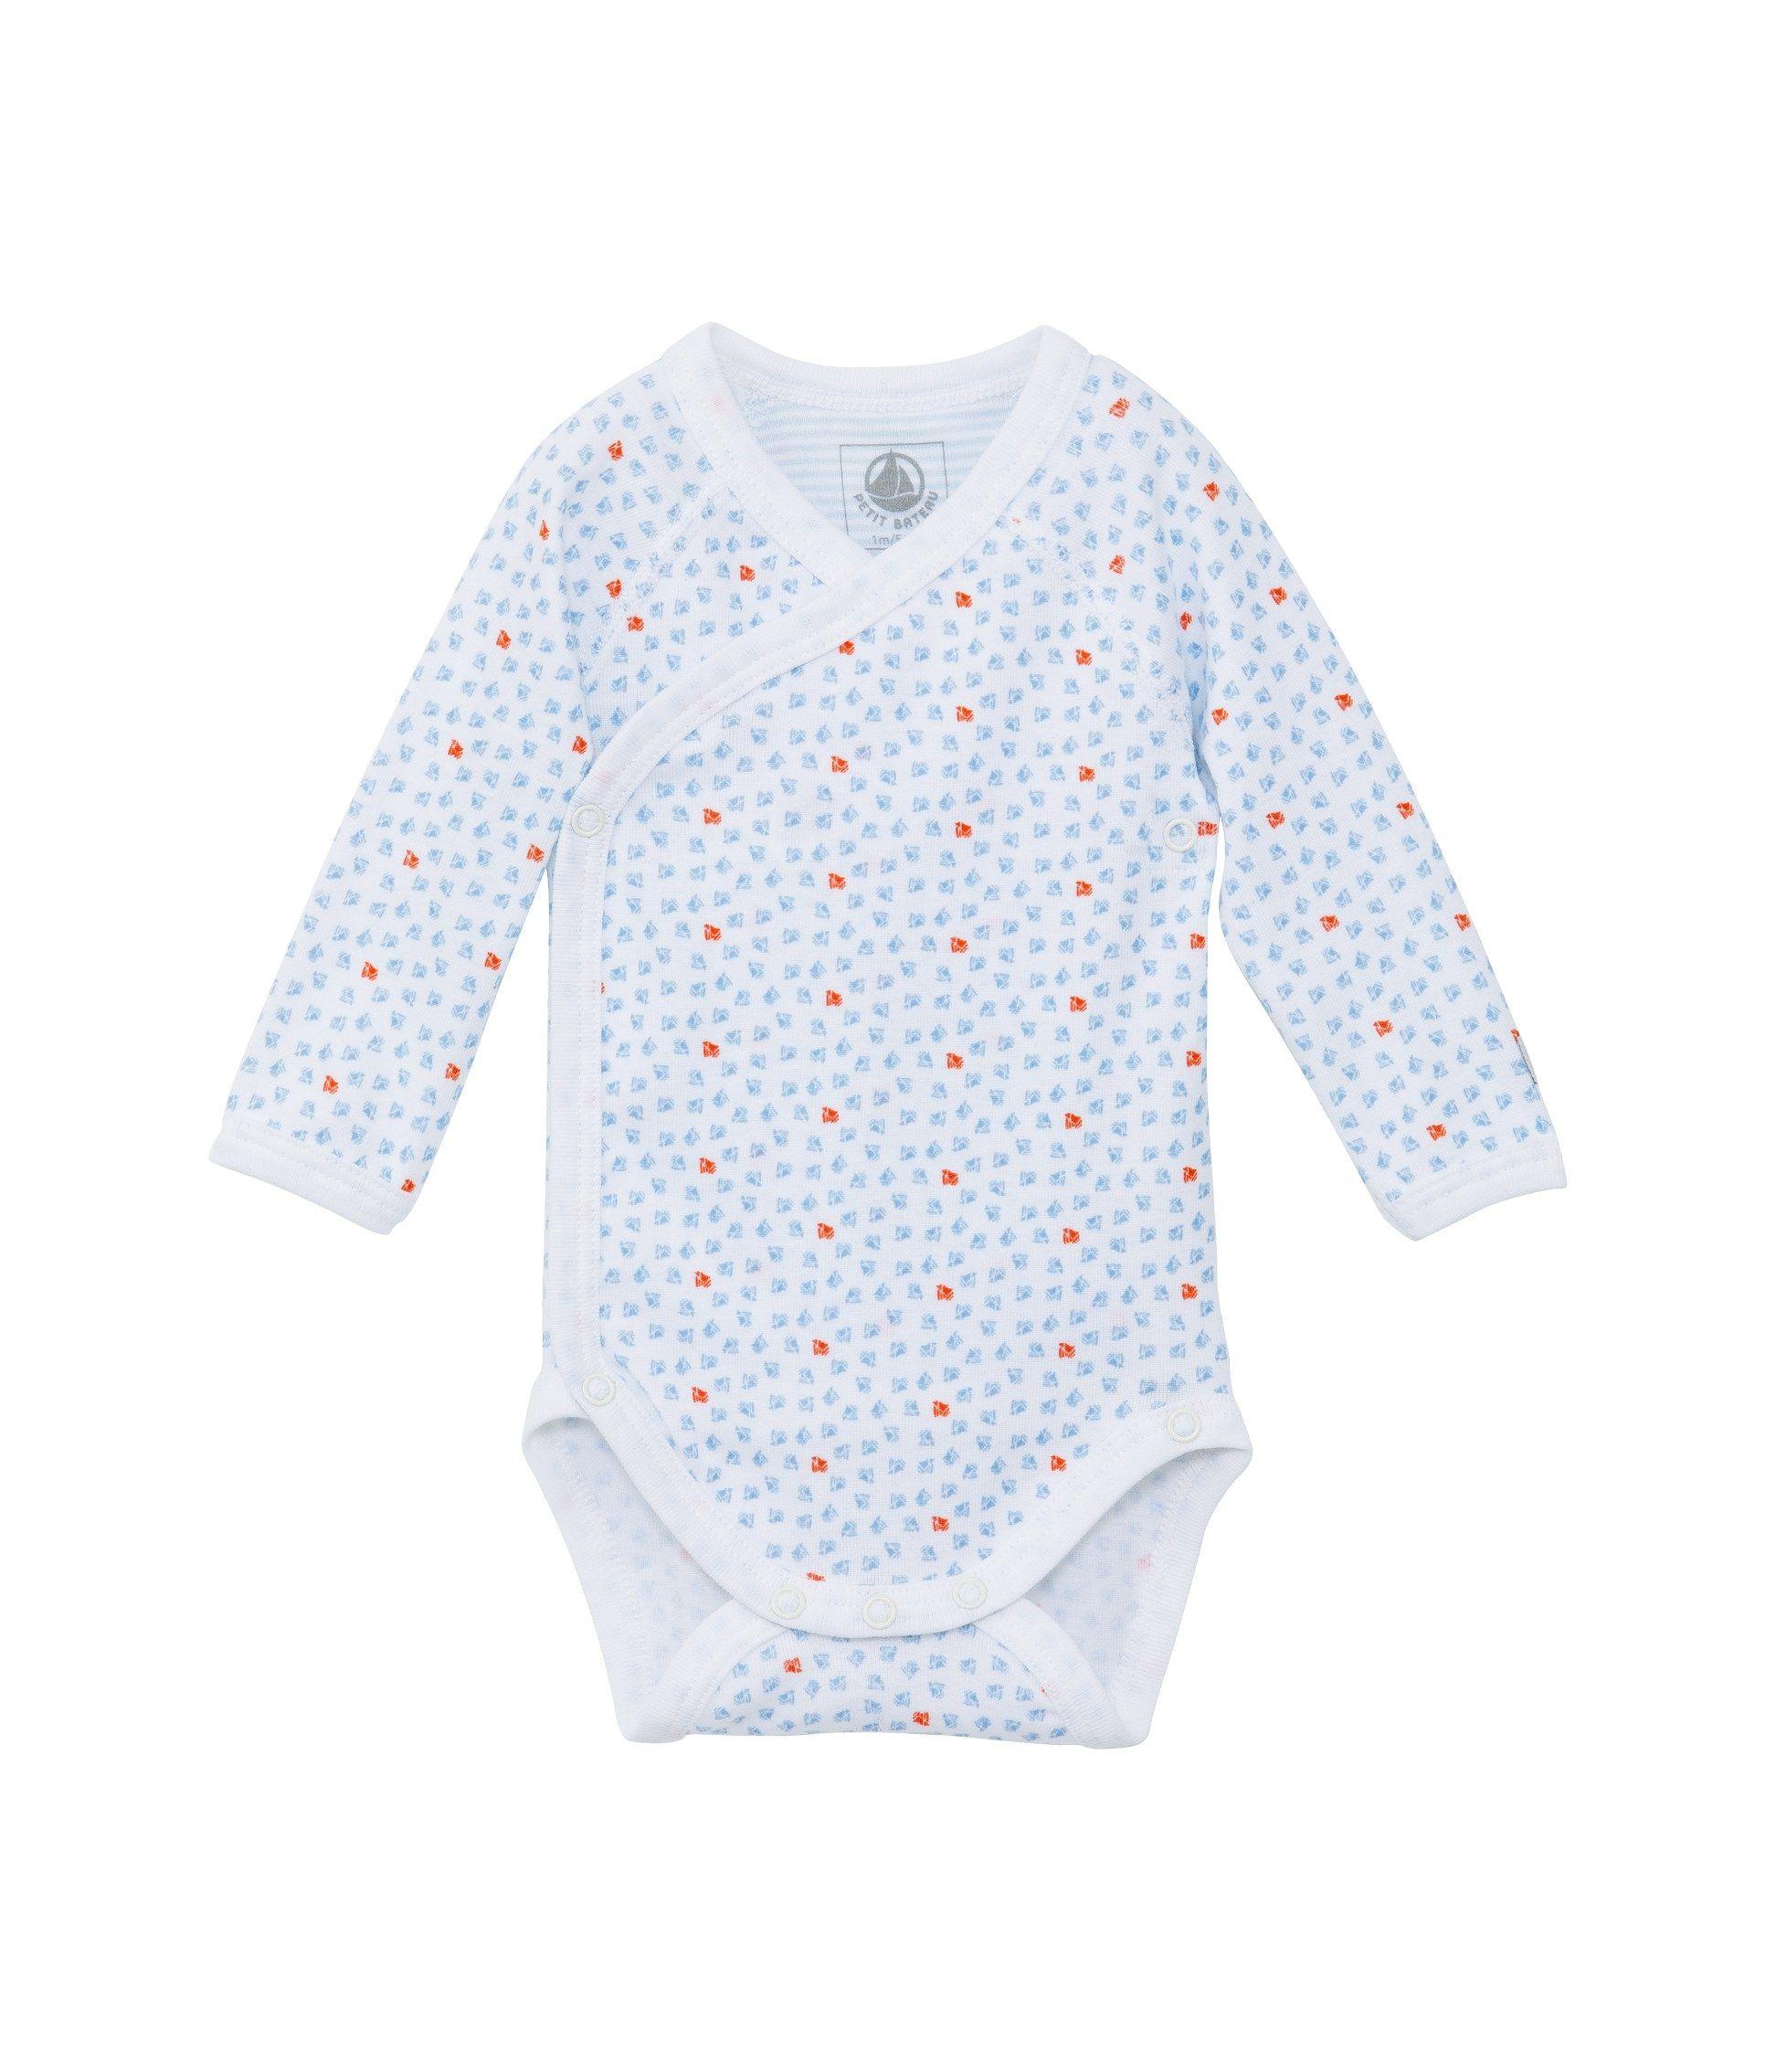 Body naissance bébé mixte imprimé blanc Ecume   blanc Multico - Petit Bateau 66e8ba2dcc9